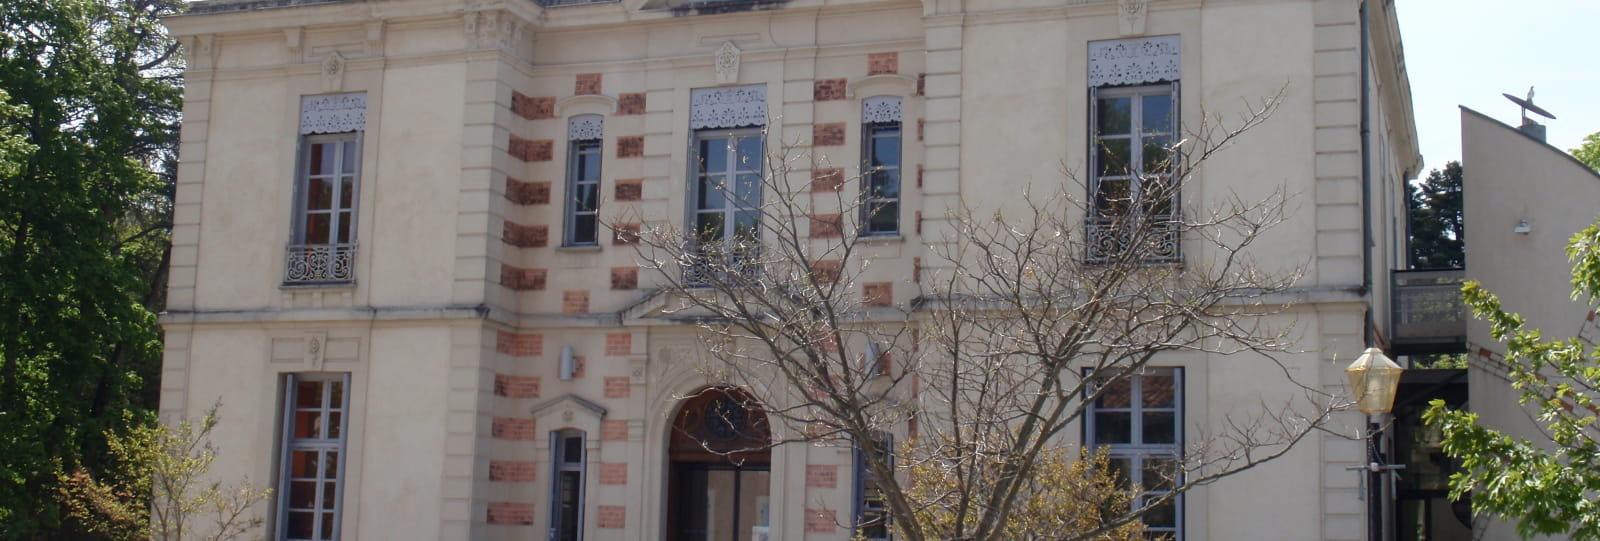 Maison de la céramique - Dieulefit